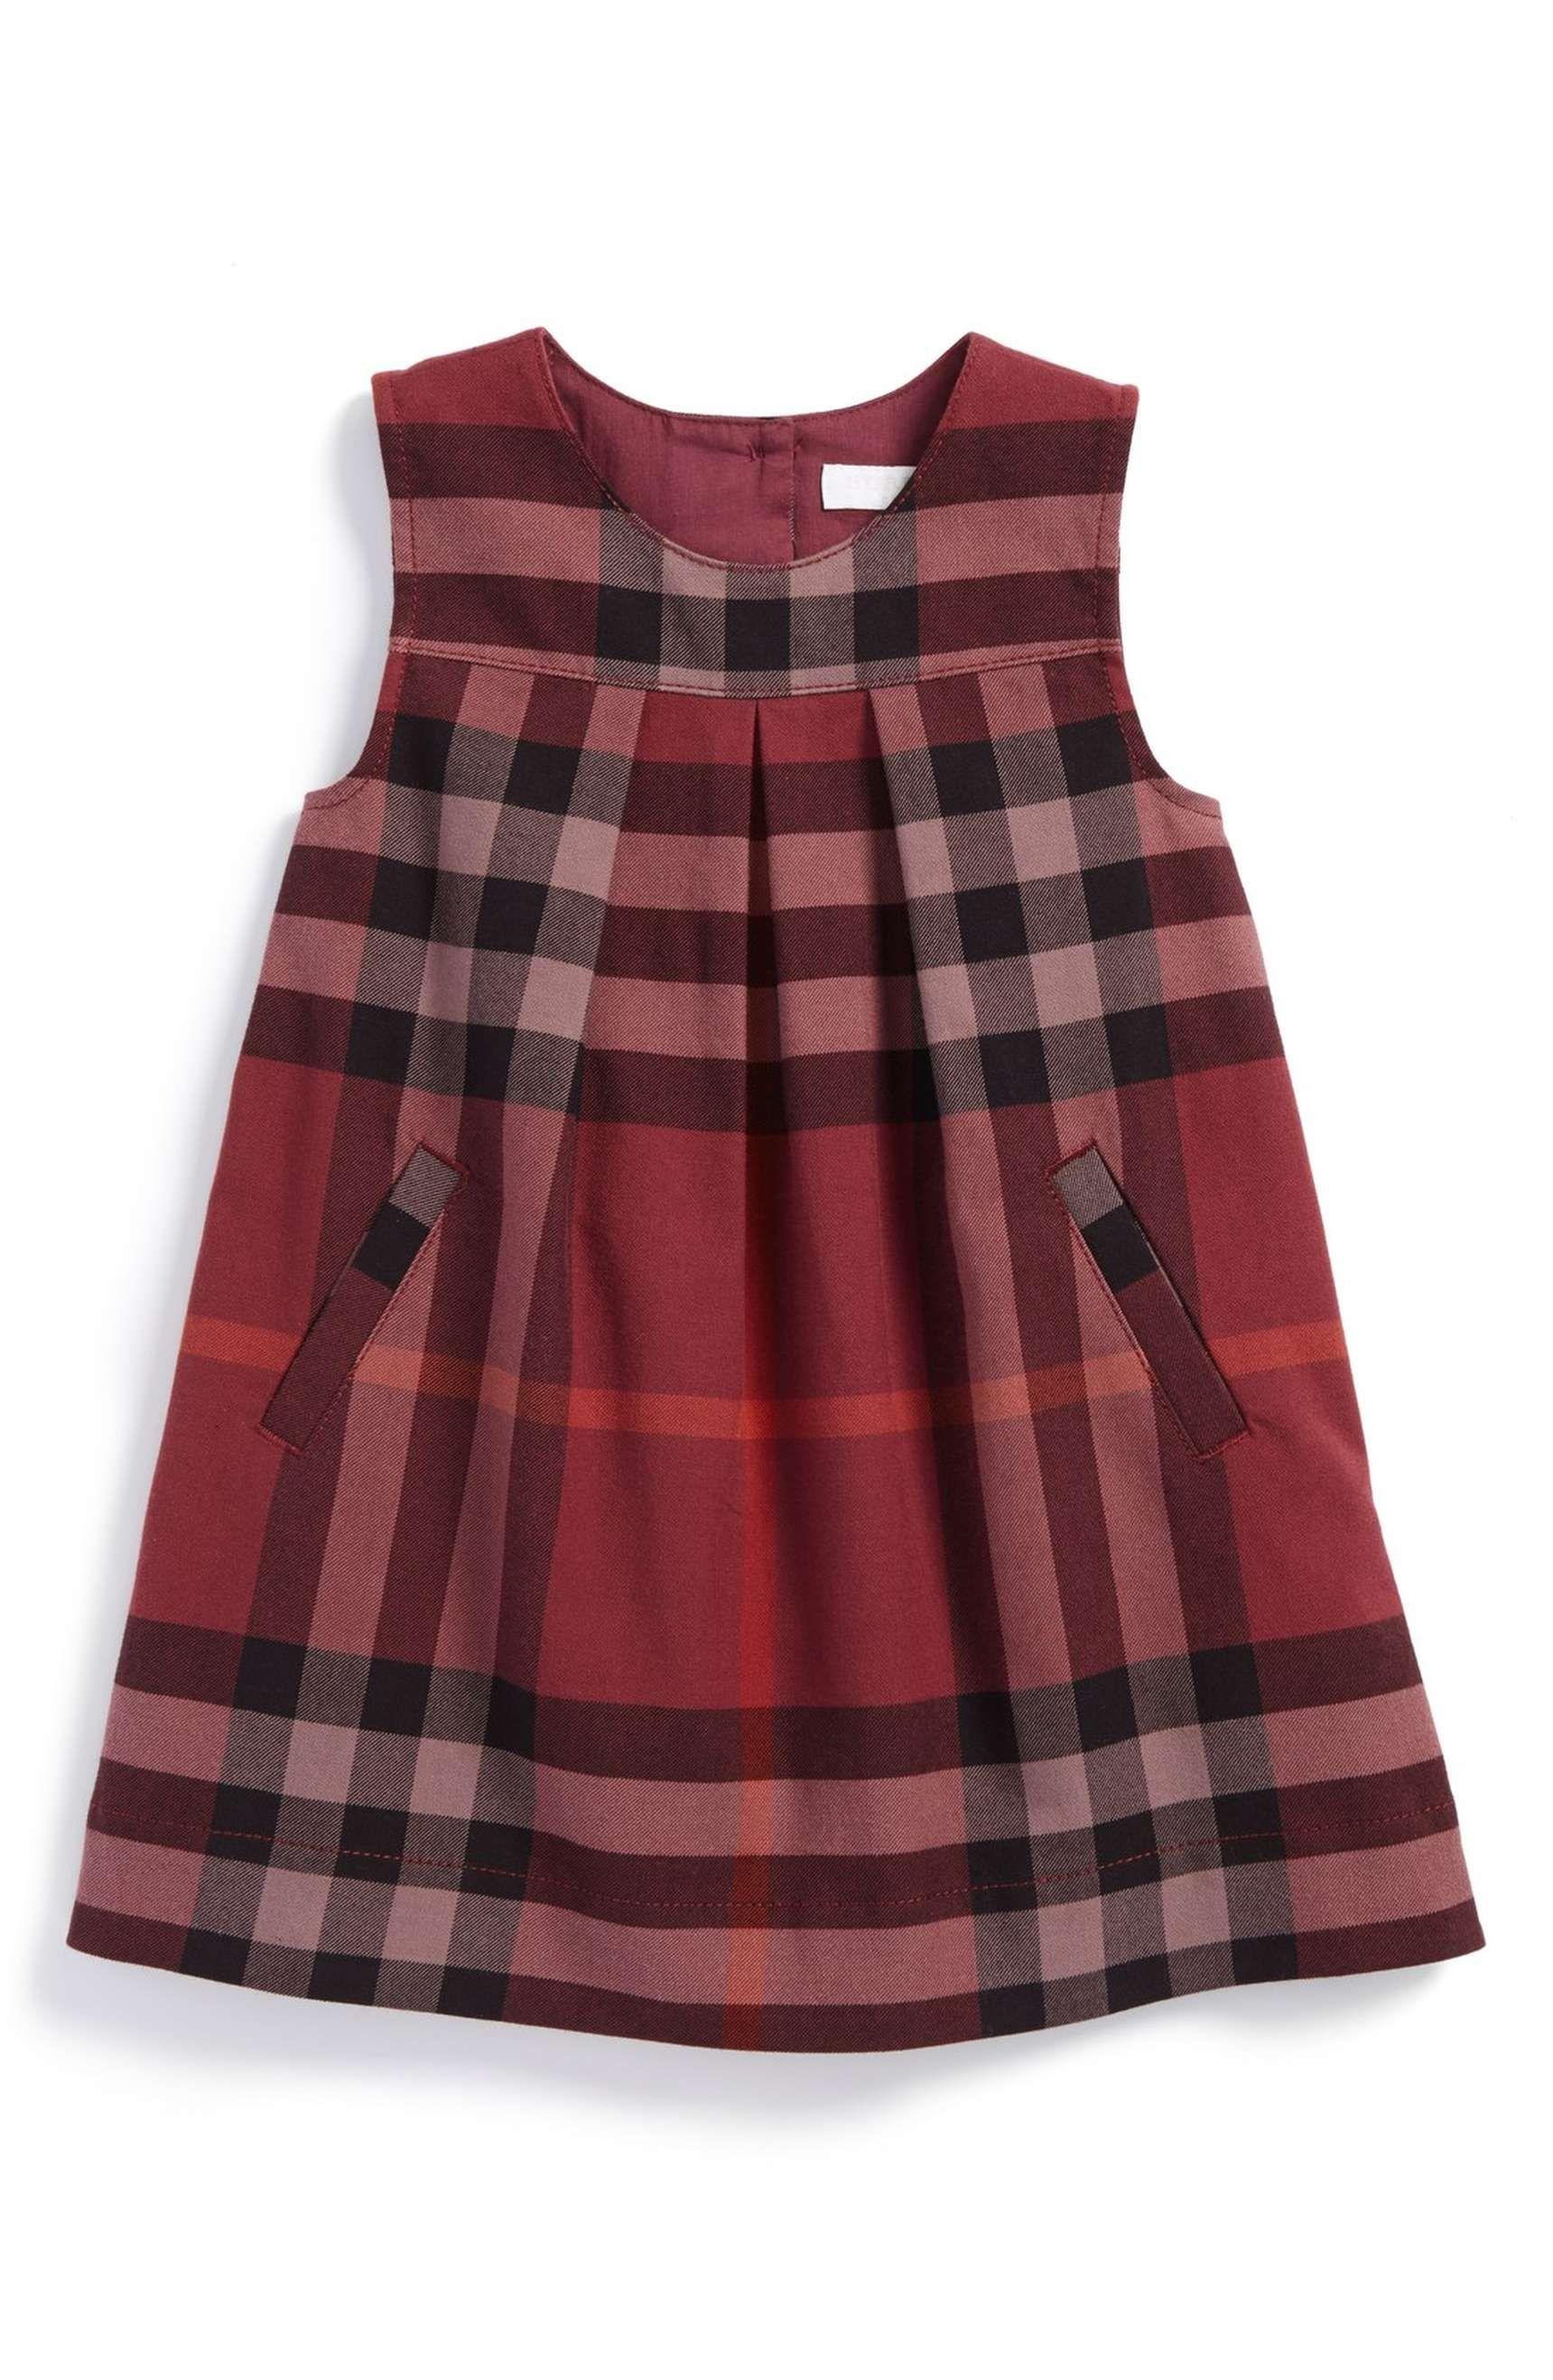 Main Image Burberry Check Print Sleeveless Dress Baby Girls